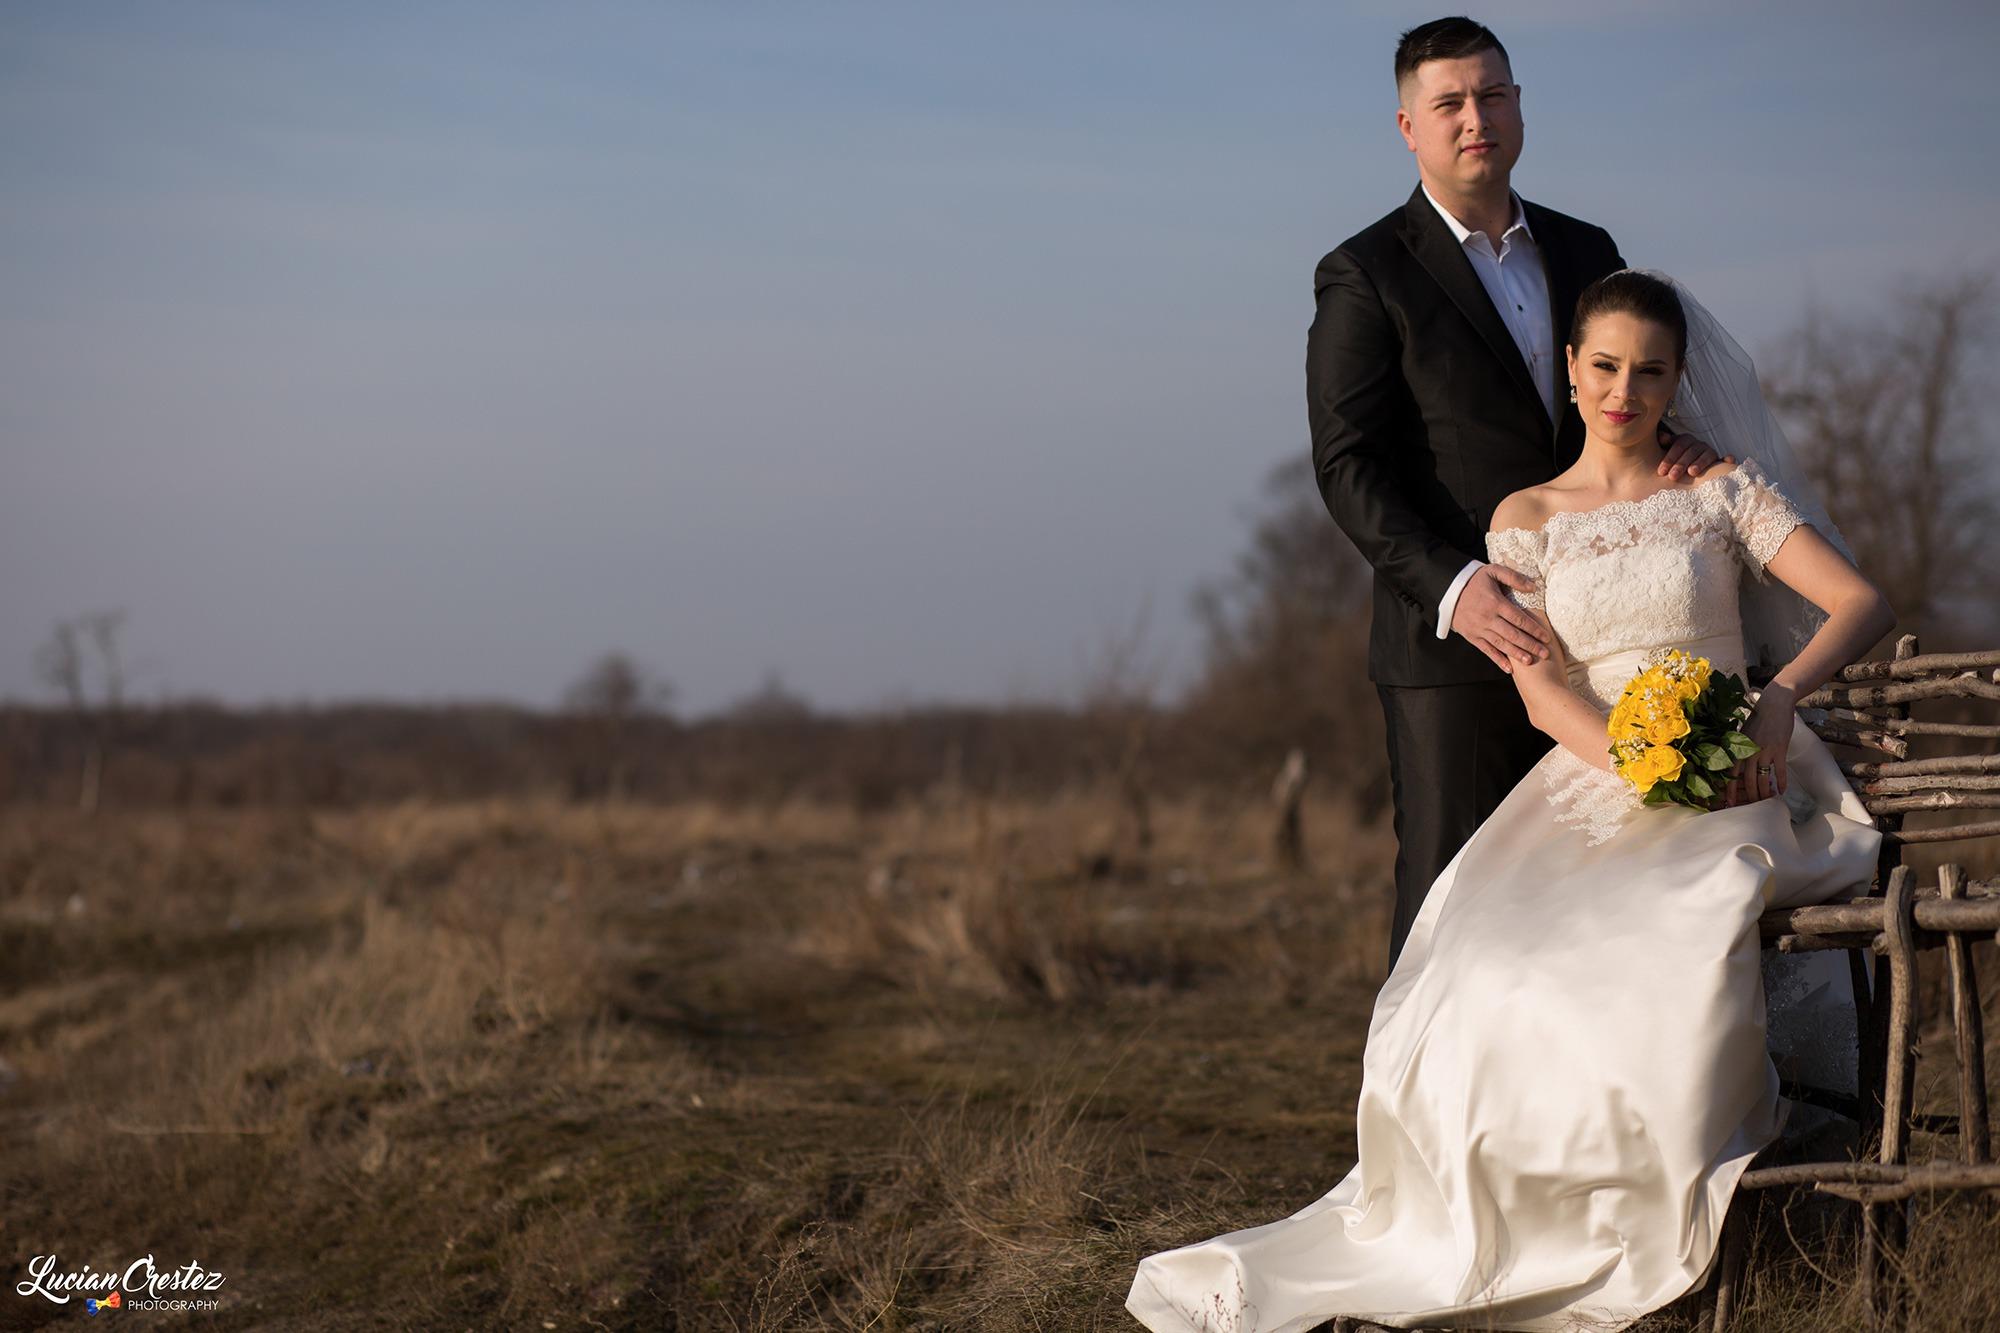 Fotograf nunta din Braila